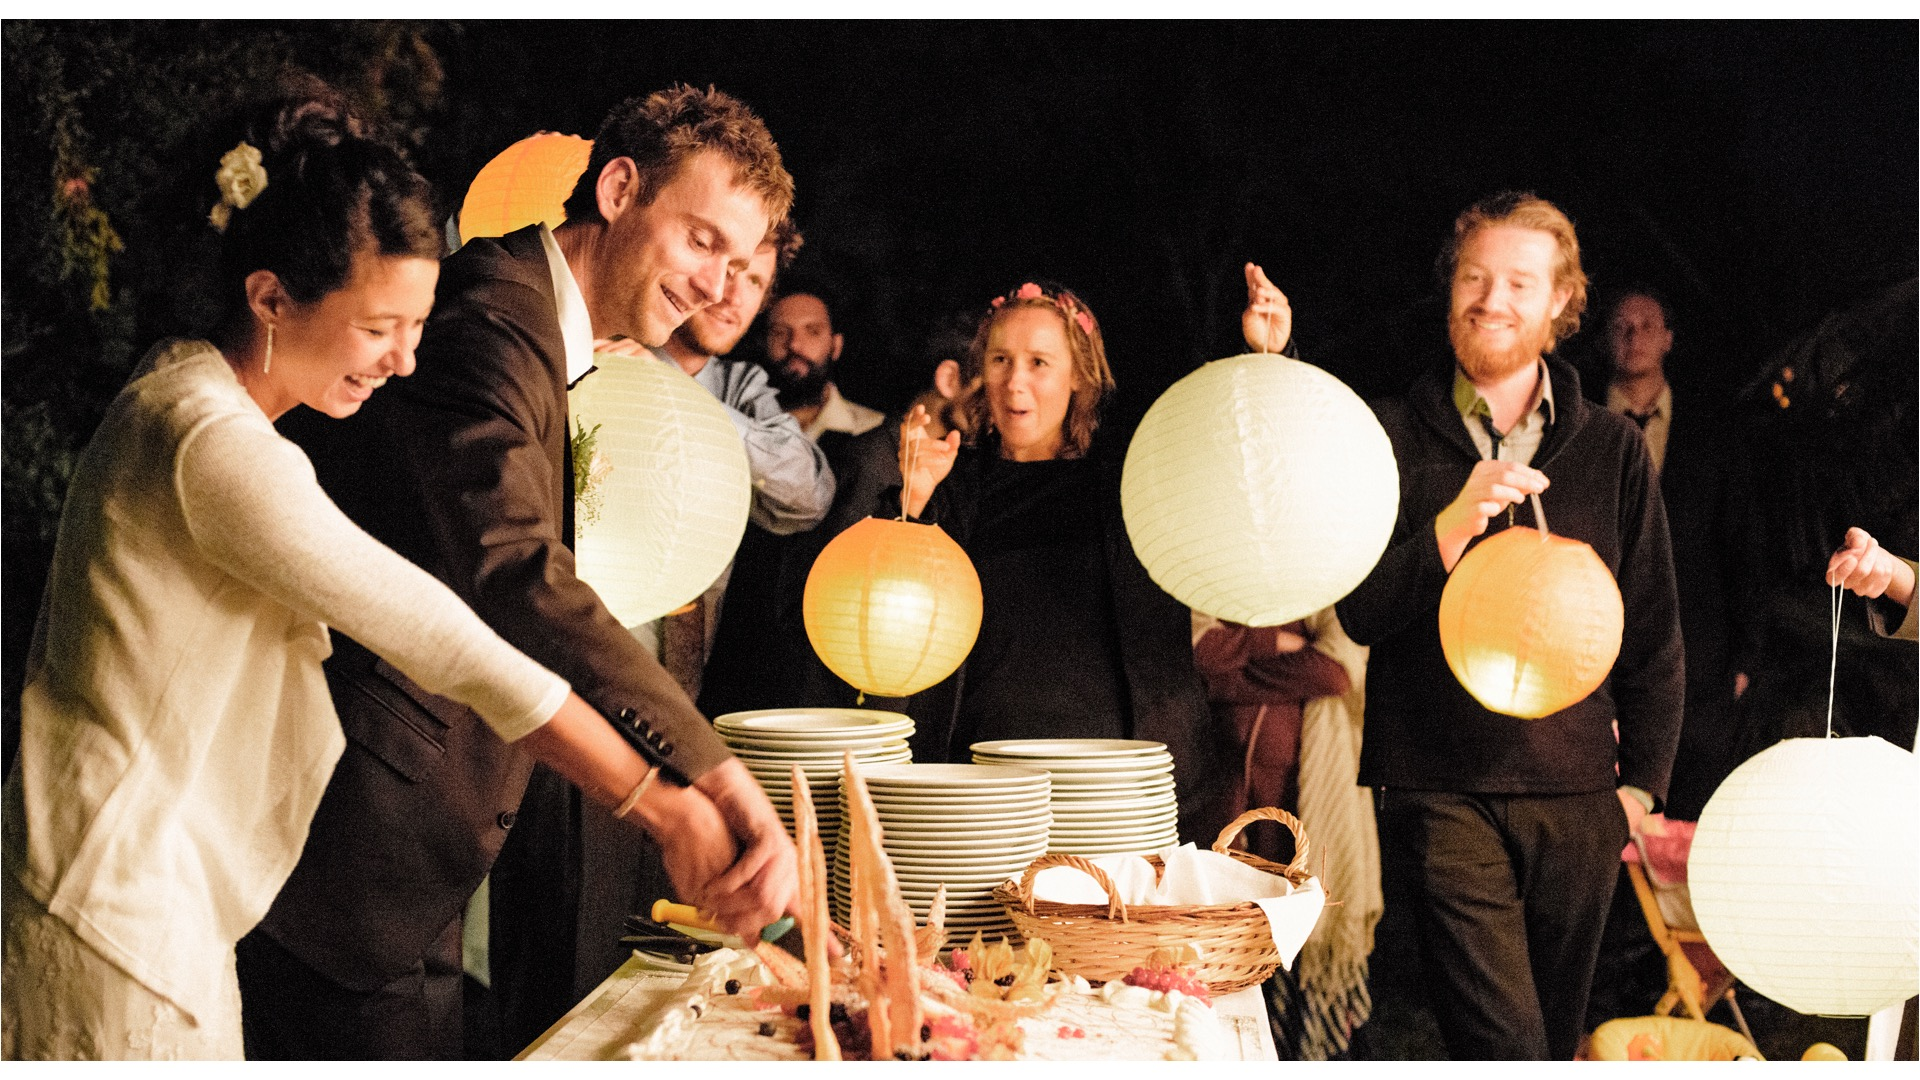 Hochzeitsreportage mit Nicola und Jan - Villa Sant'Anna Toscana - von Dirk Brzoska begleitet als Hochzeitsfotograf aus Leipzig